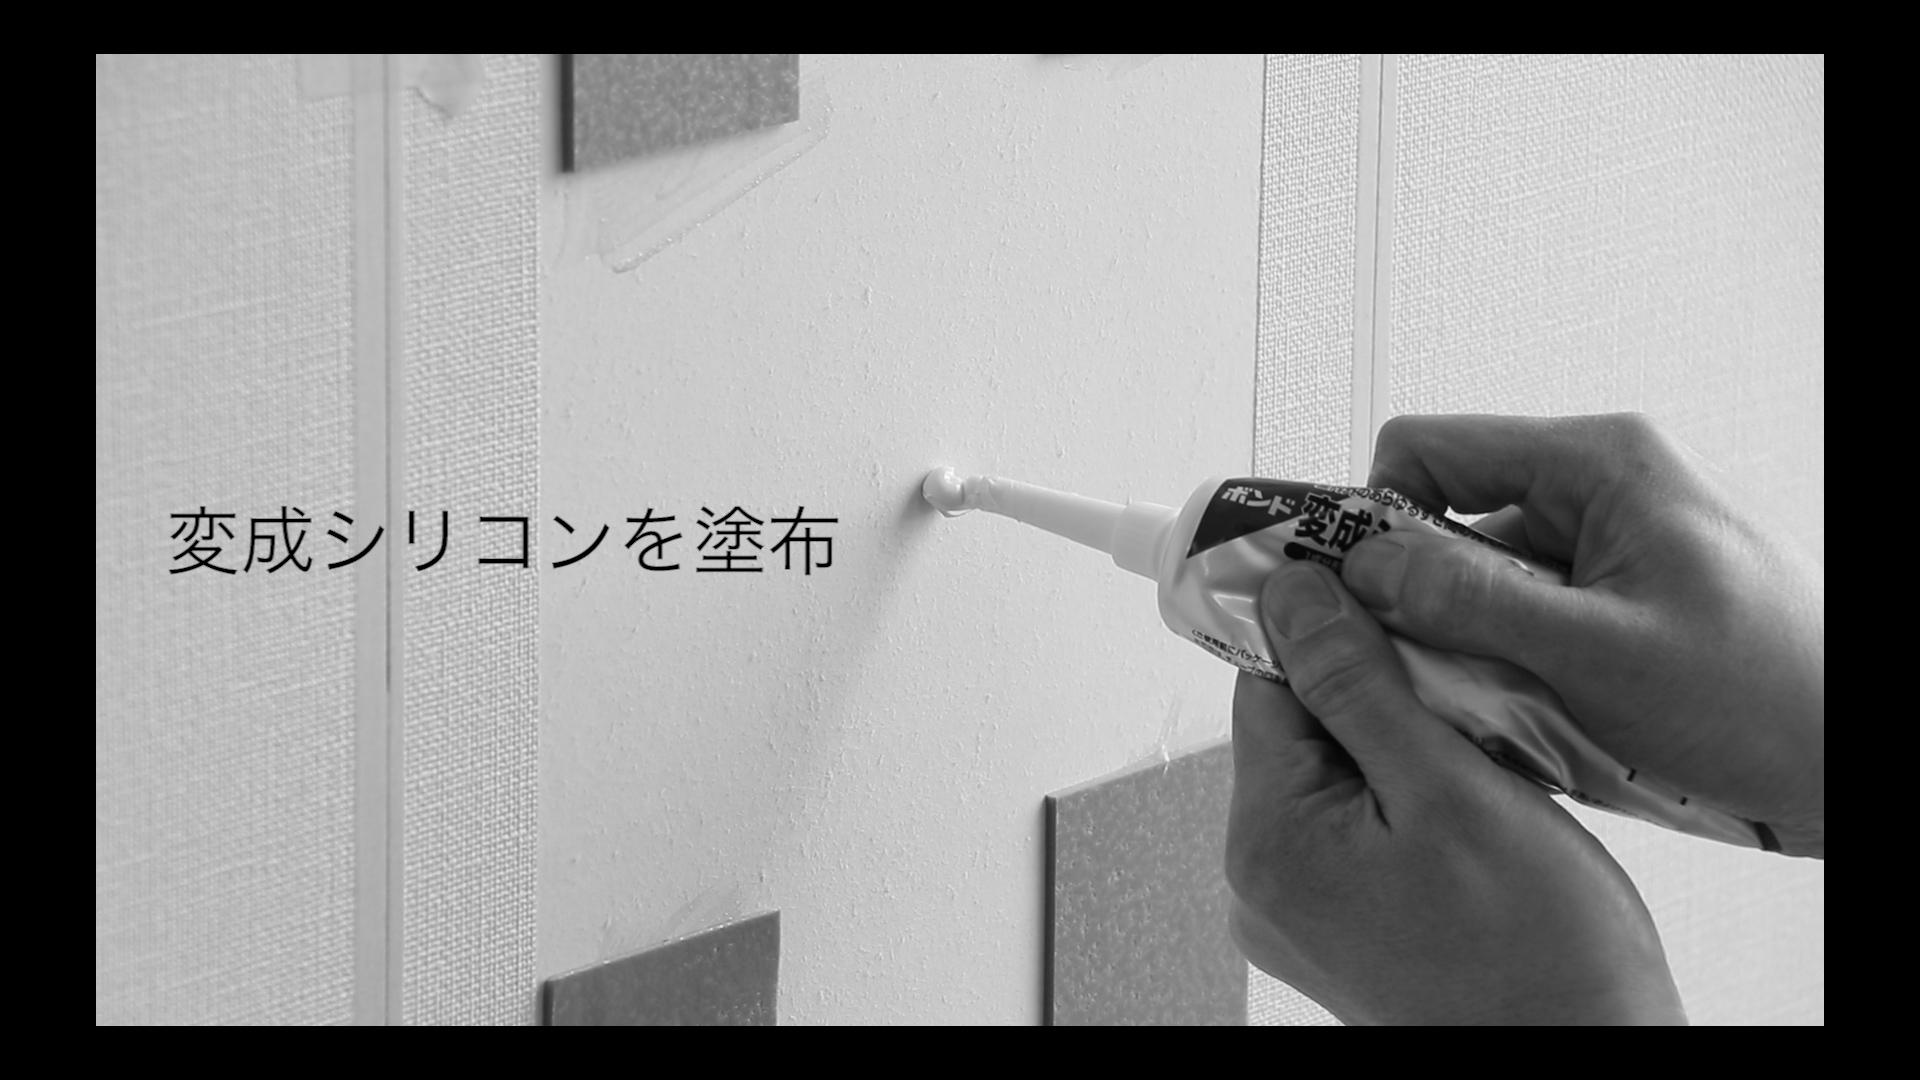 6.ミラーマットの剝離紙をめくり変成シリコンを塗布する